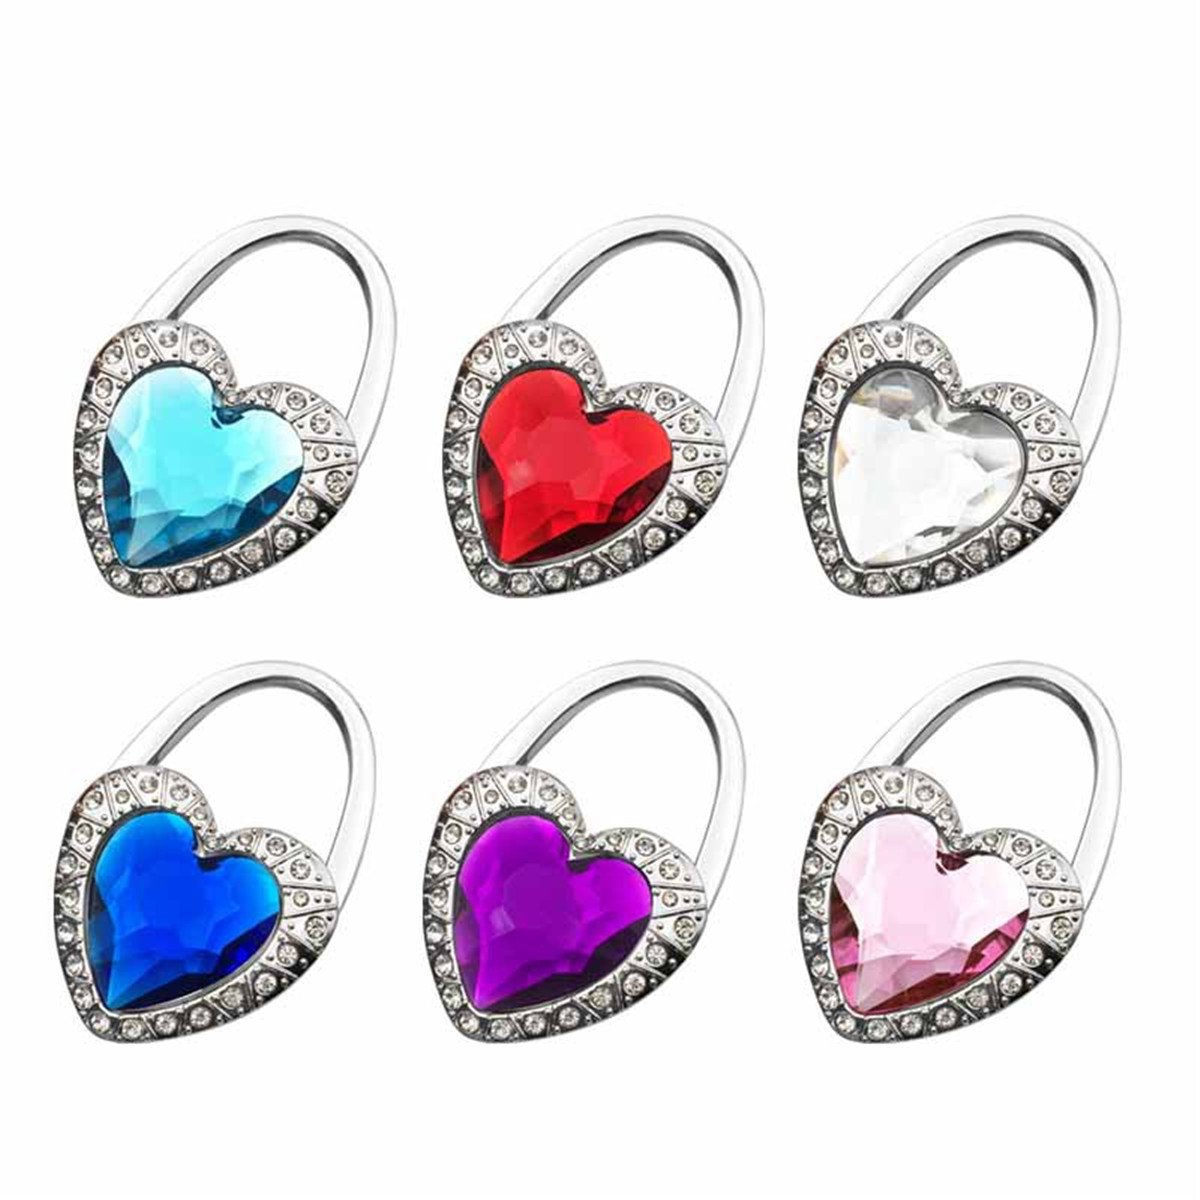 Reizteko Purse Hook, Love Heart Crystal Gem Foldable Handbag Purse Hanger Hook Holder for Tables (Pack of 6)